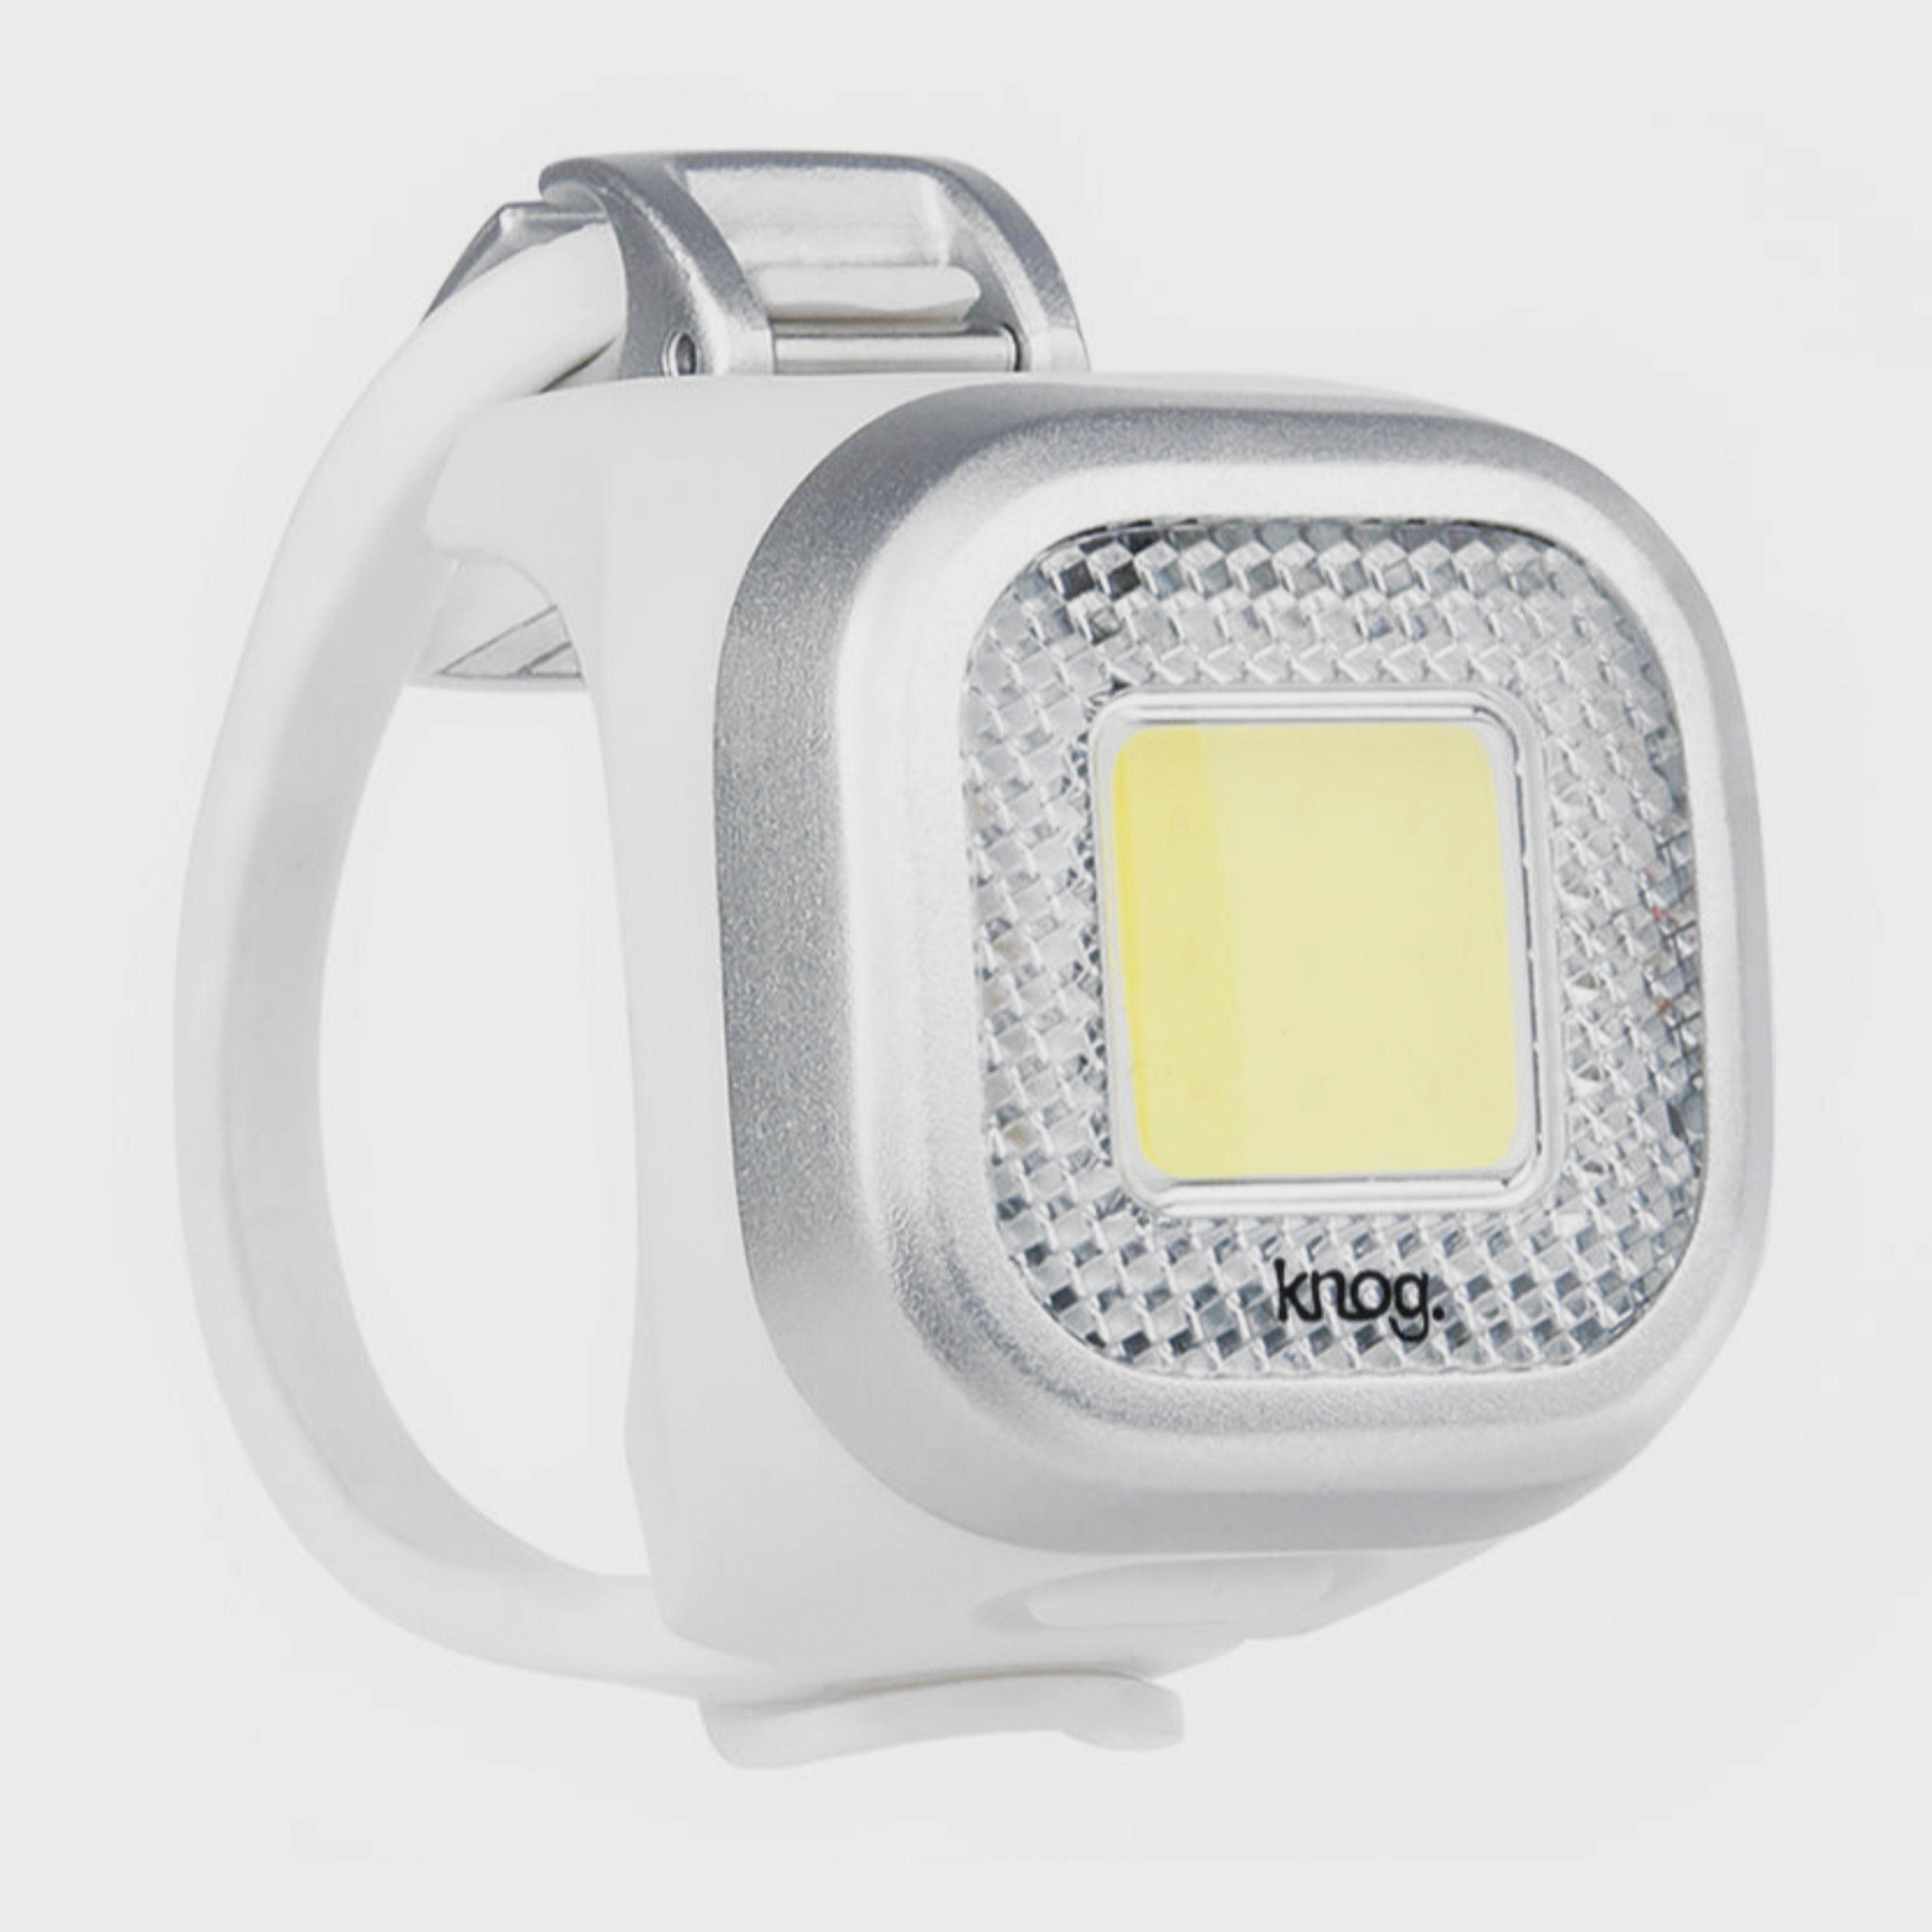 KNOG Blinder Mini Chippy Front Light